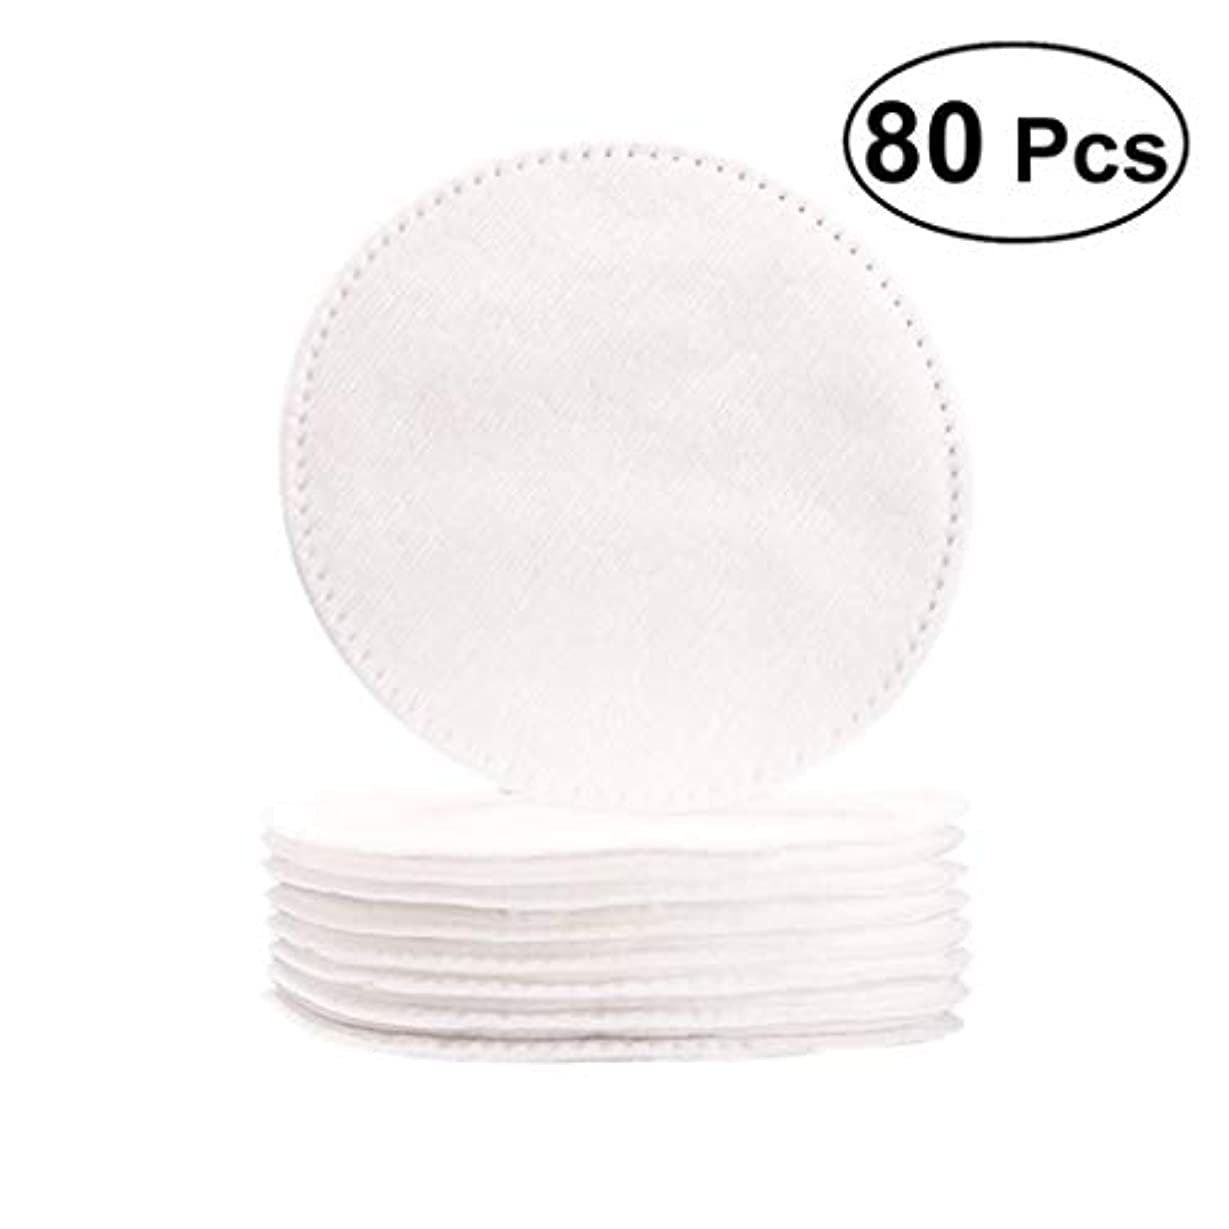 グレード無限大北クレンジングシート 80ピースコットンパッド使い捨てダブルフェイスクレンジングクリーニングパッドフェイシャルコットンシートネイルスキンケアコットンパッド (Color : White, サイズ : 5.5cm)